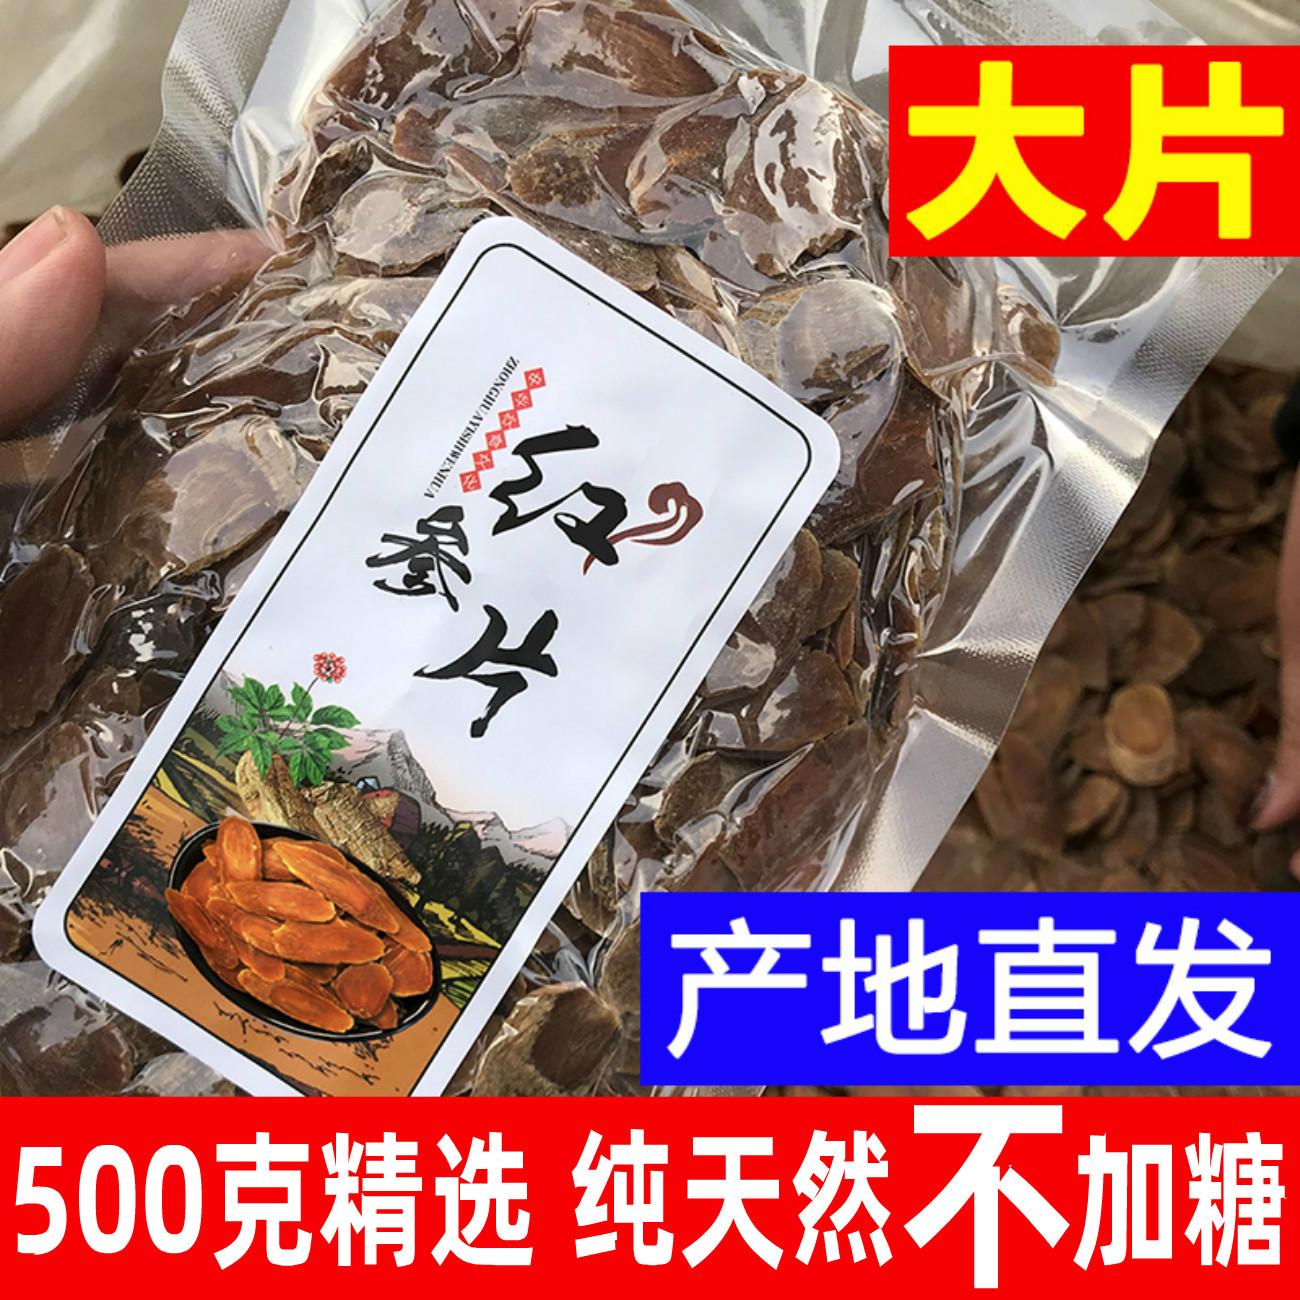 【今日特价】6年500g正品无糖红参片